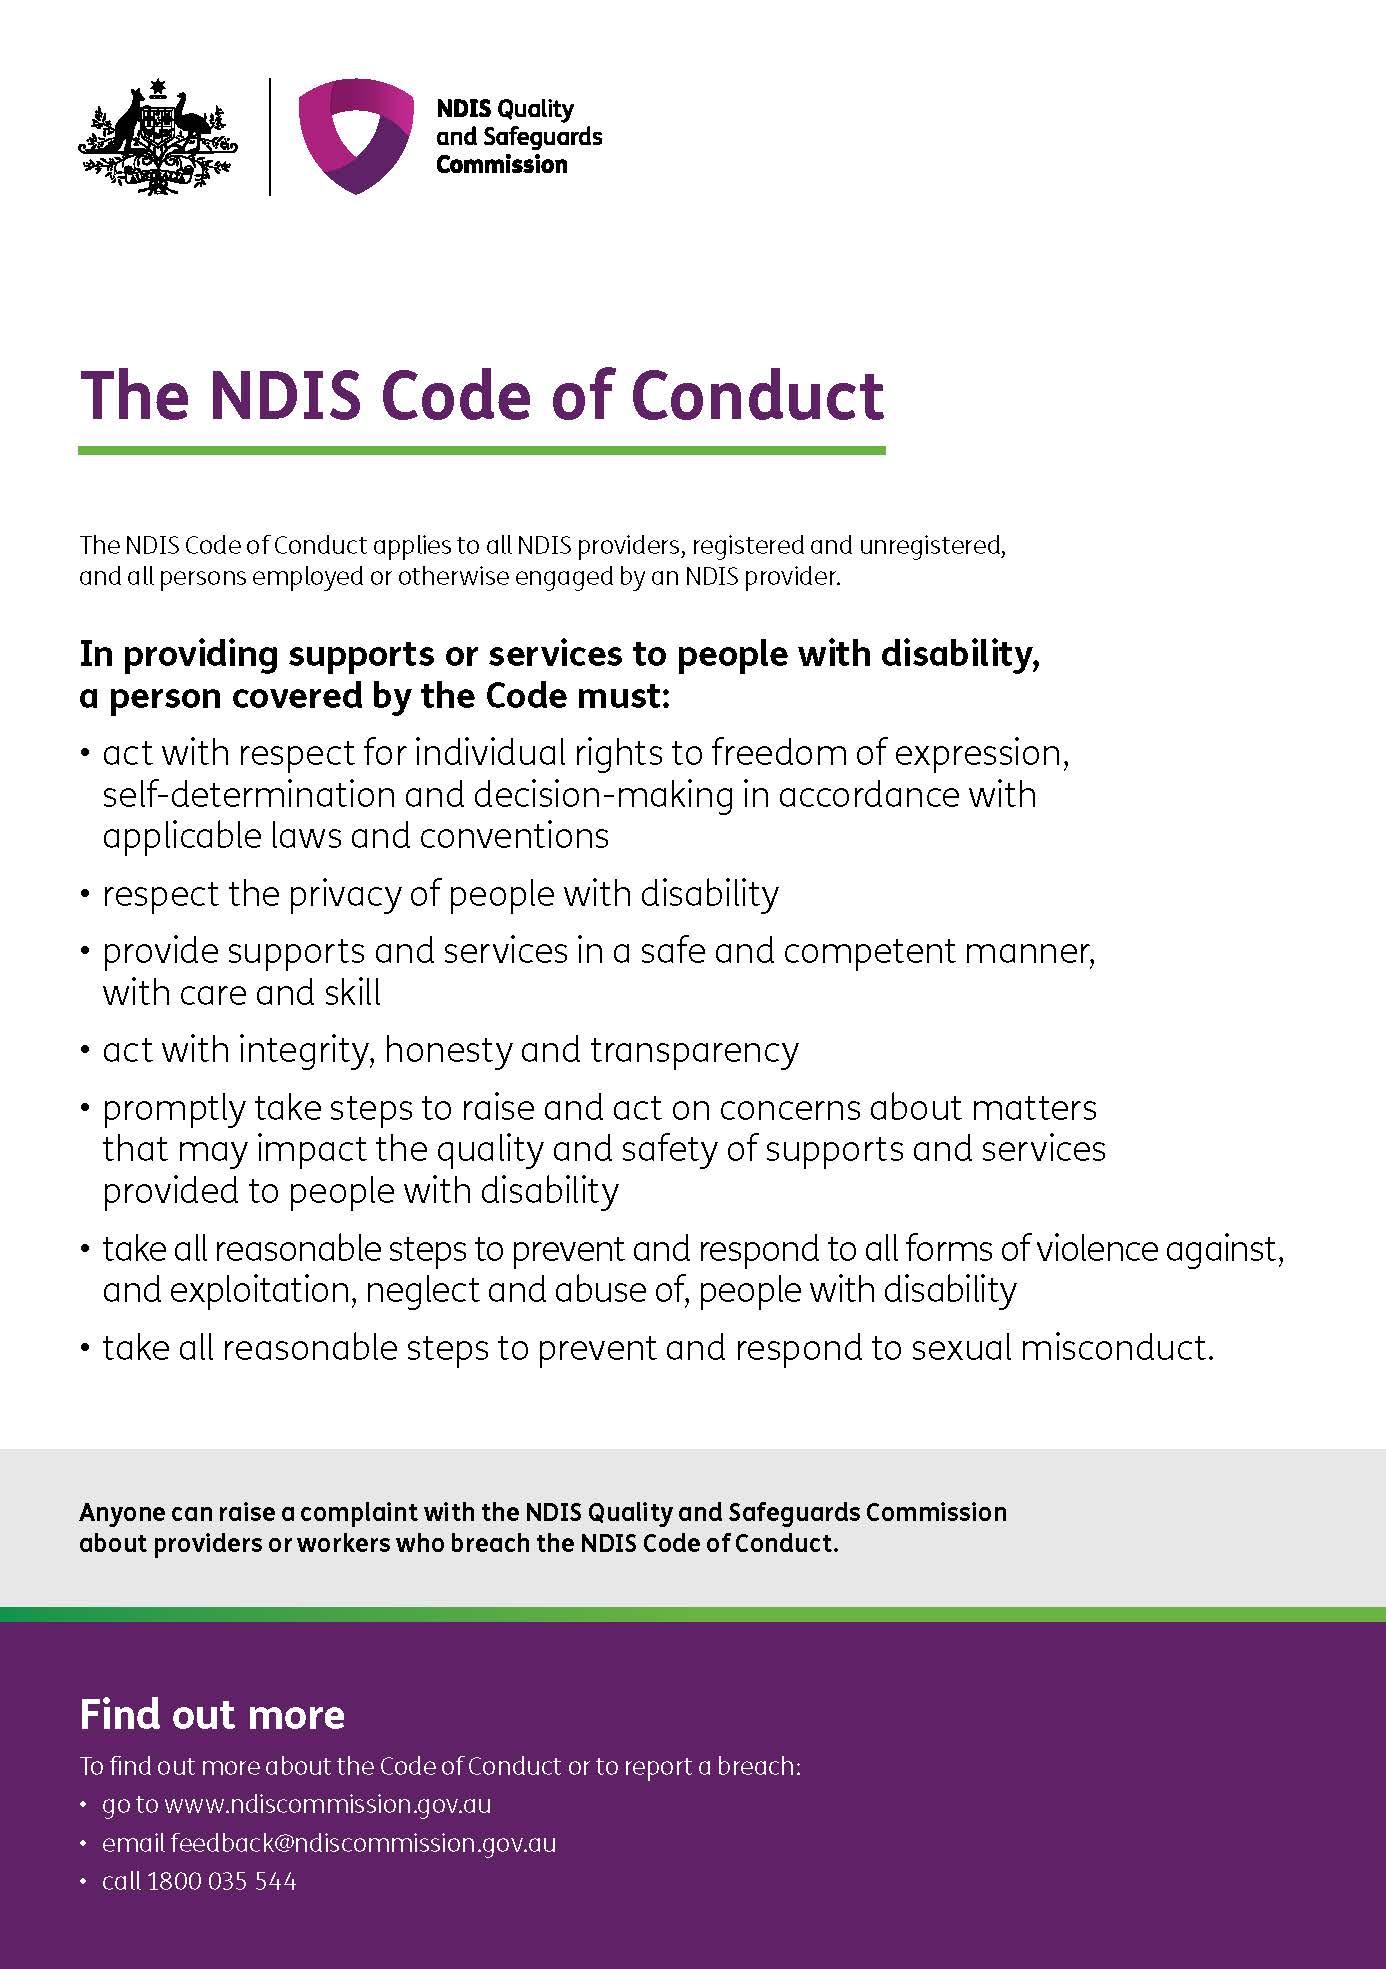 NDIS - CodeOfConduct